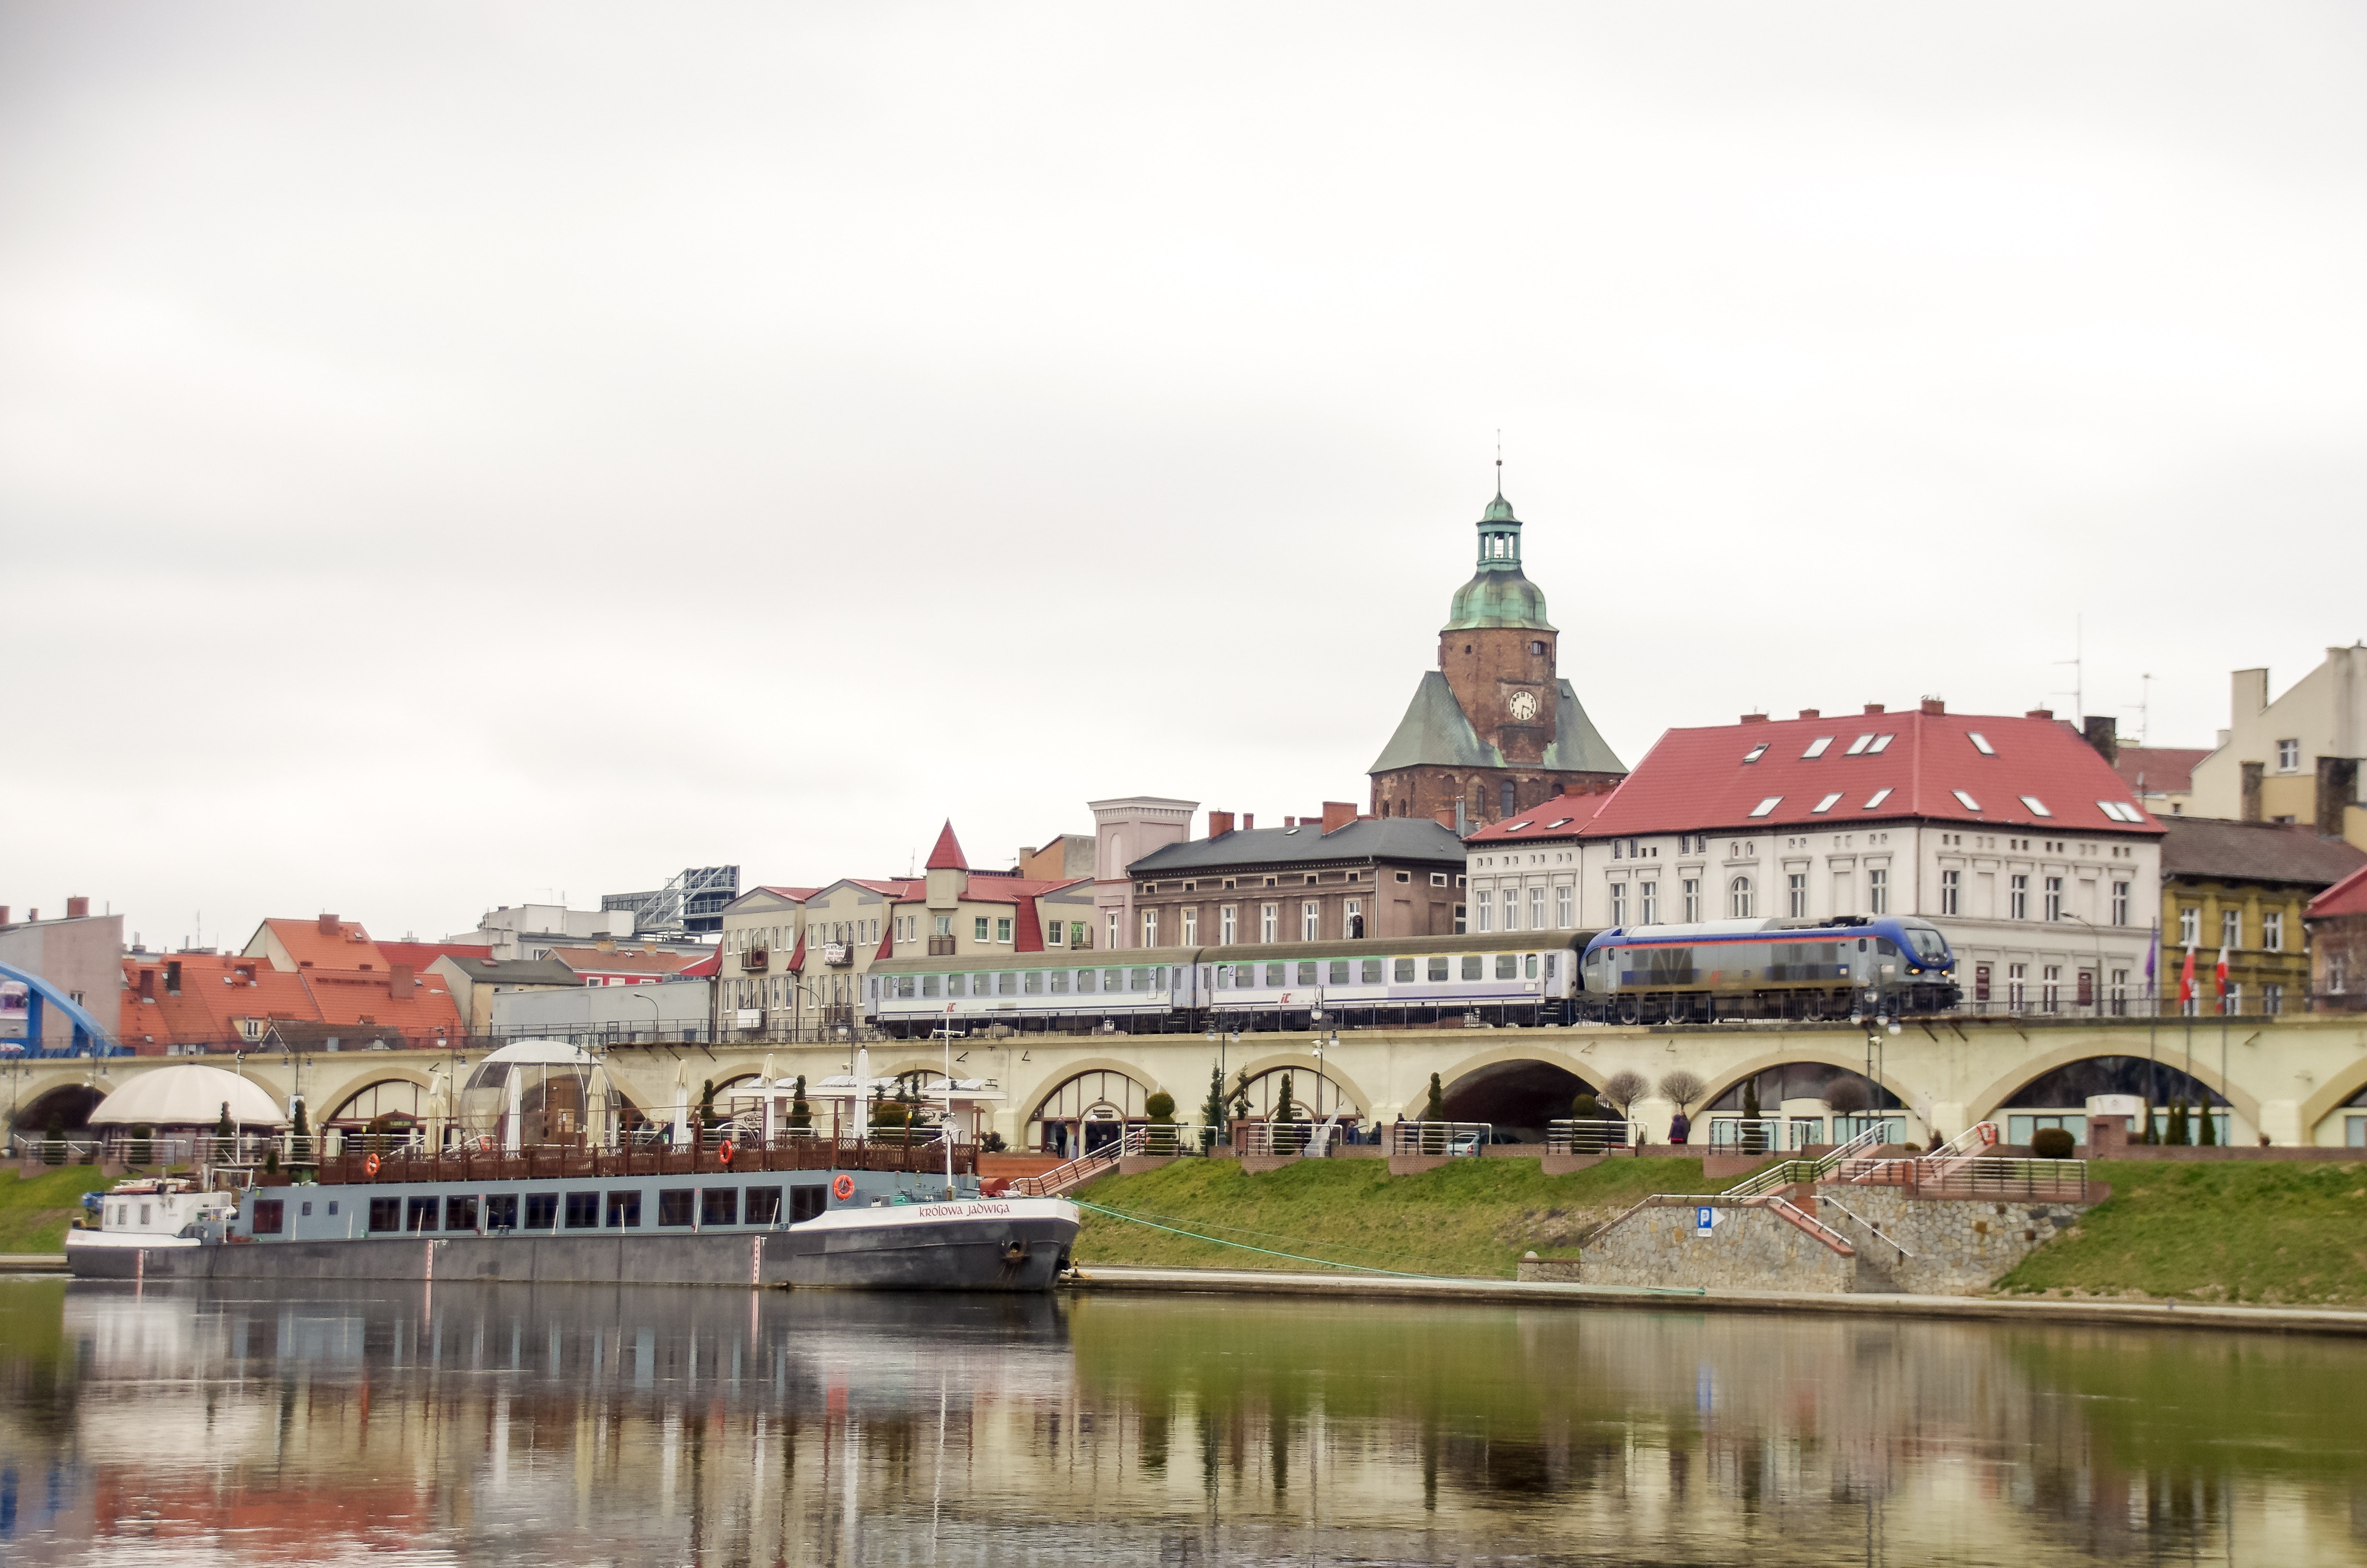 PKP Intercity. Pociąg TLK w Gorzowie Wielkopolskim, fot. Maciej Filip Kacprzak